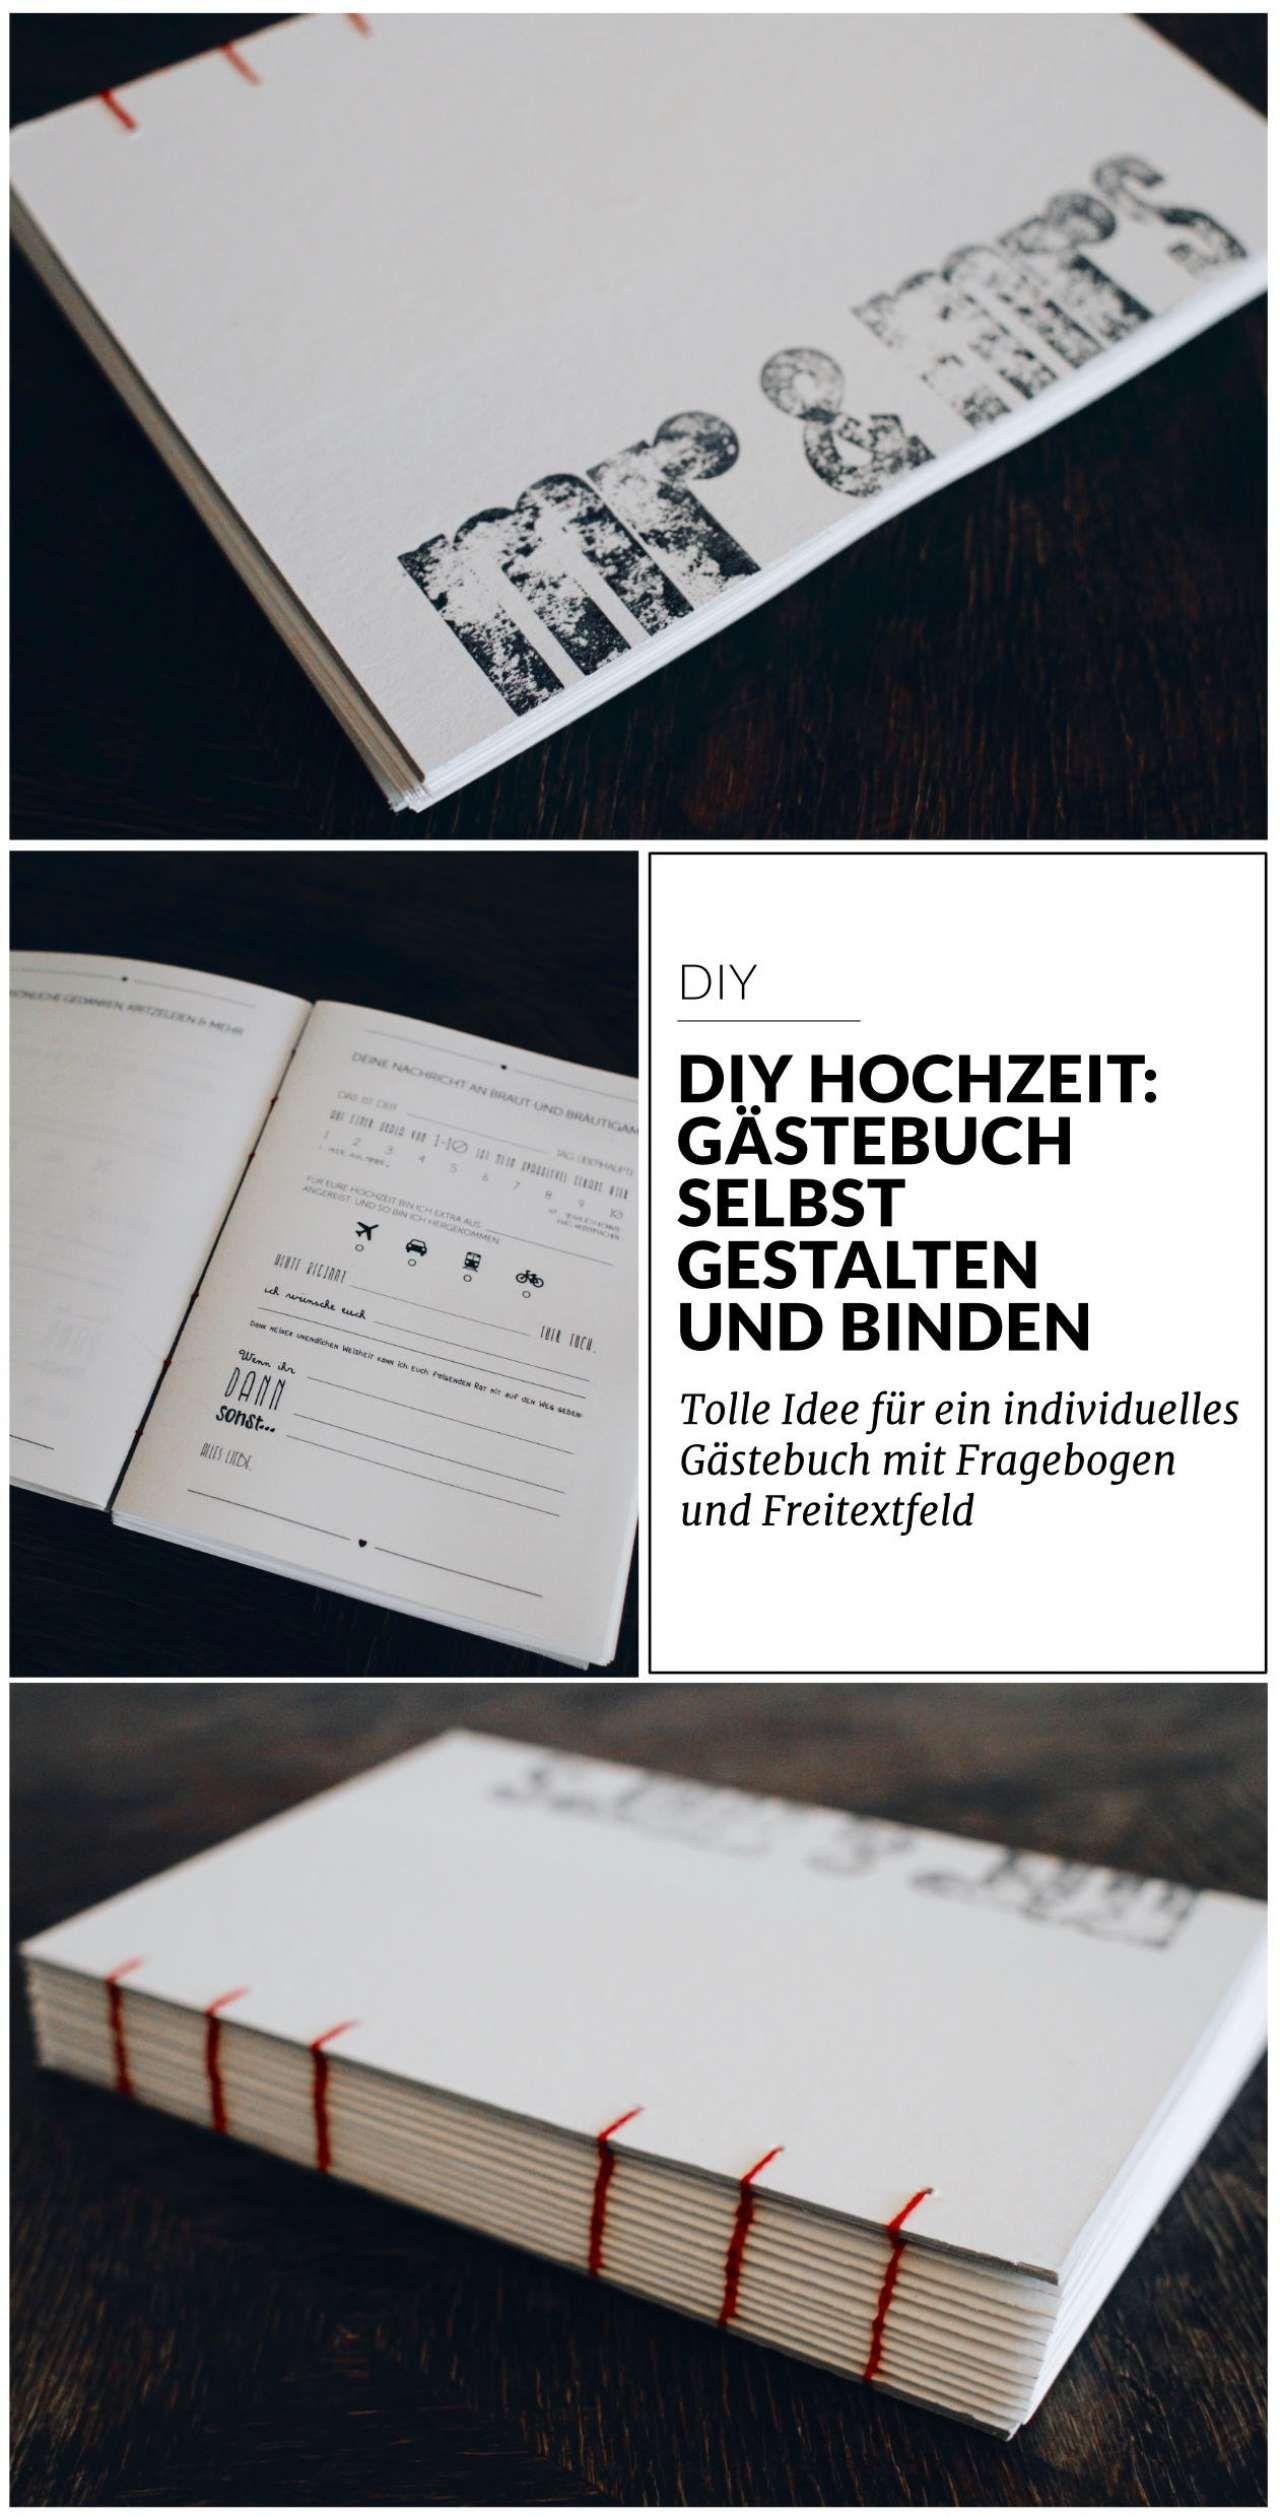 Gemütlich Gute Freie Lebenslauf Erbauer Fotos - Entry Level Resume ...